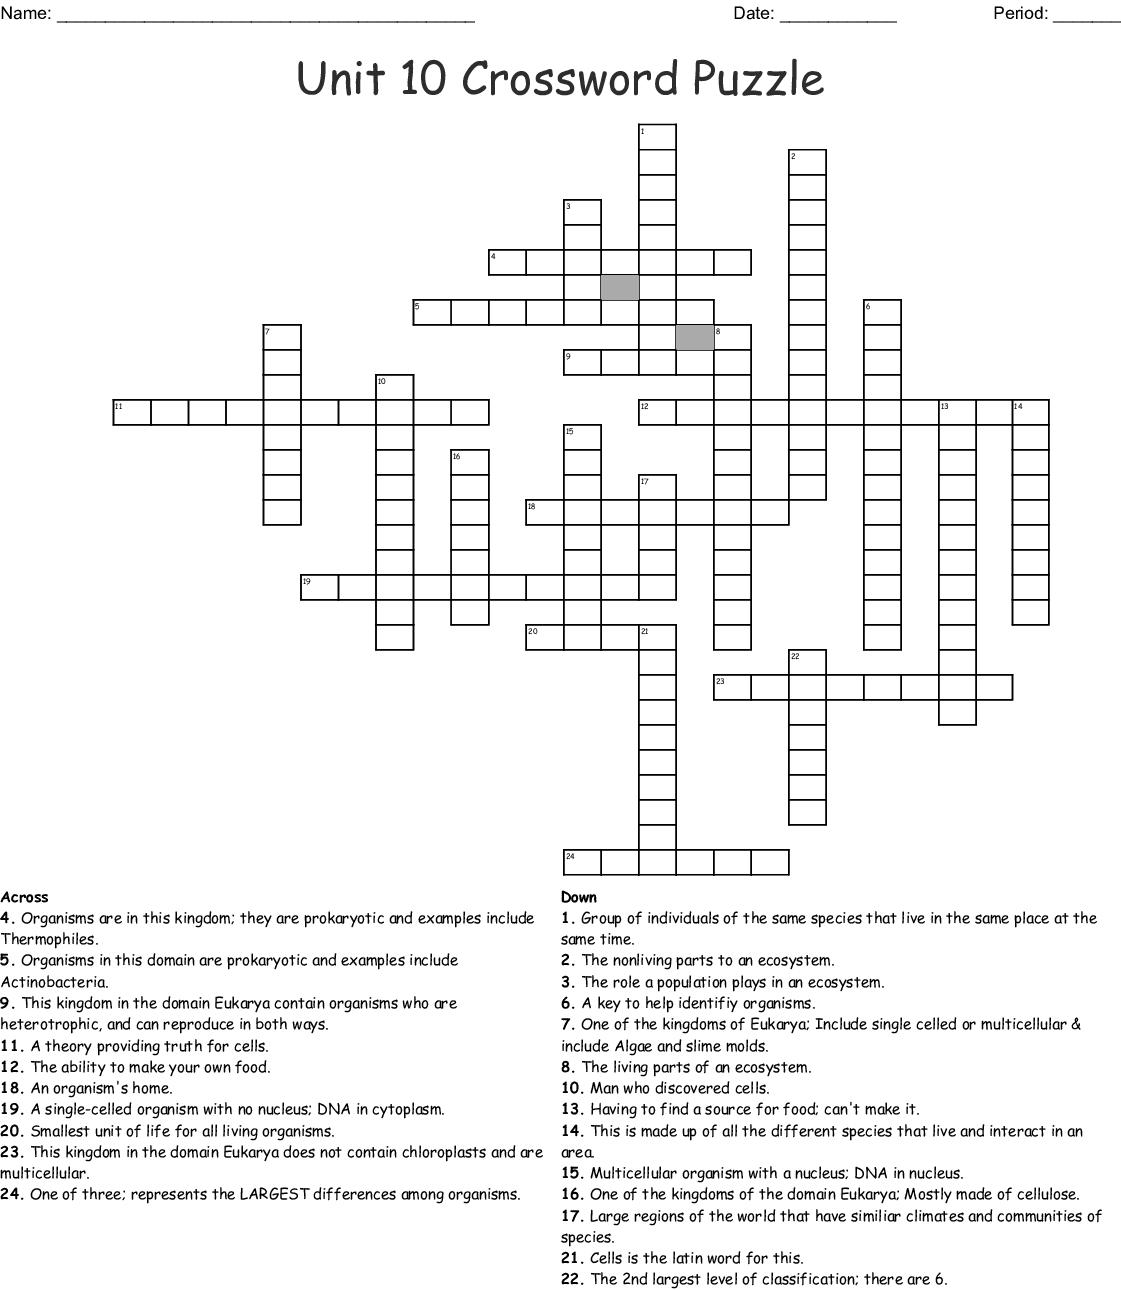 Unit 10 Crossword Puzzle